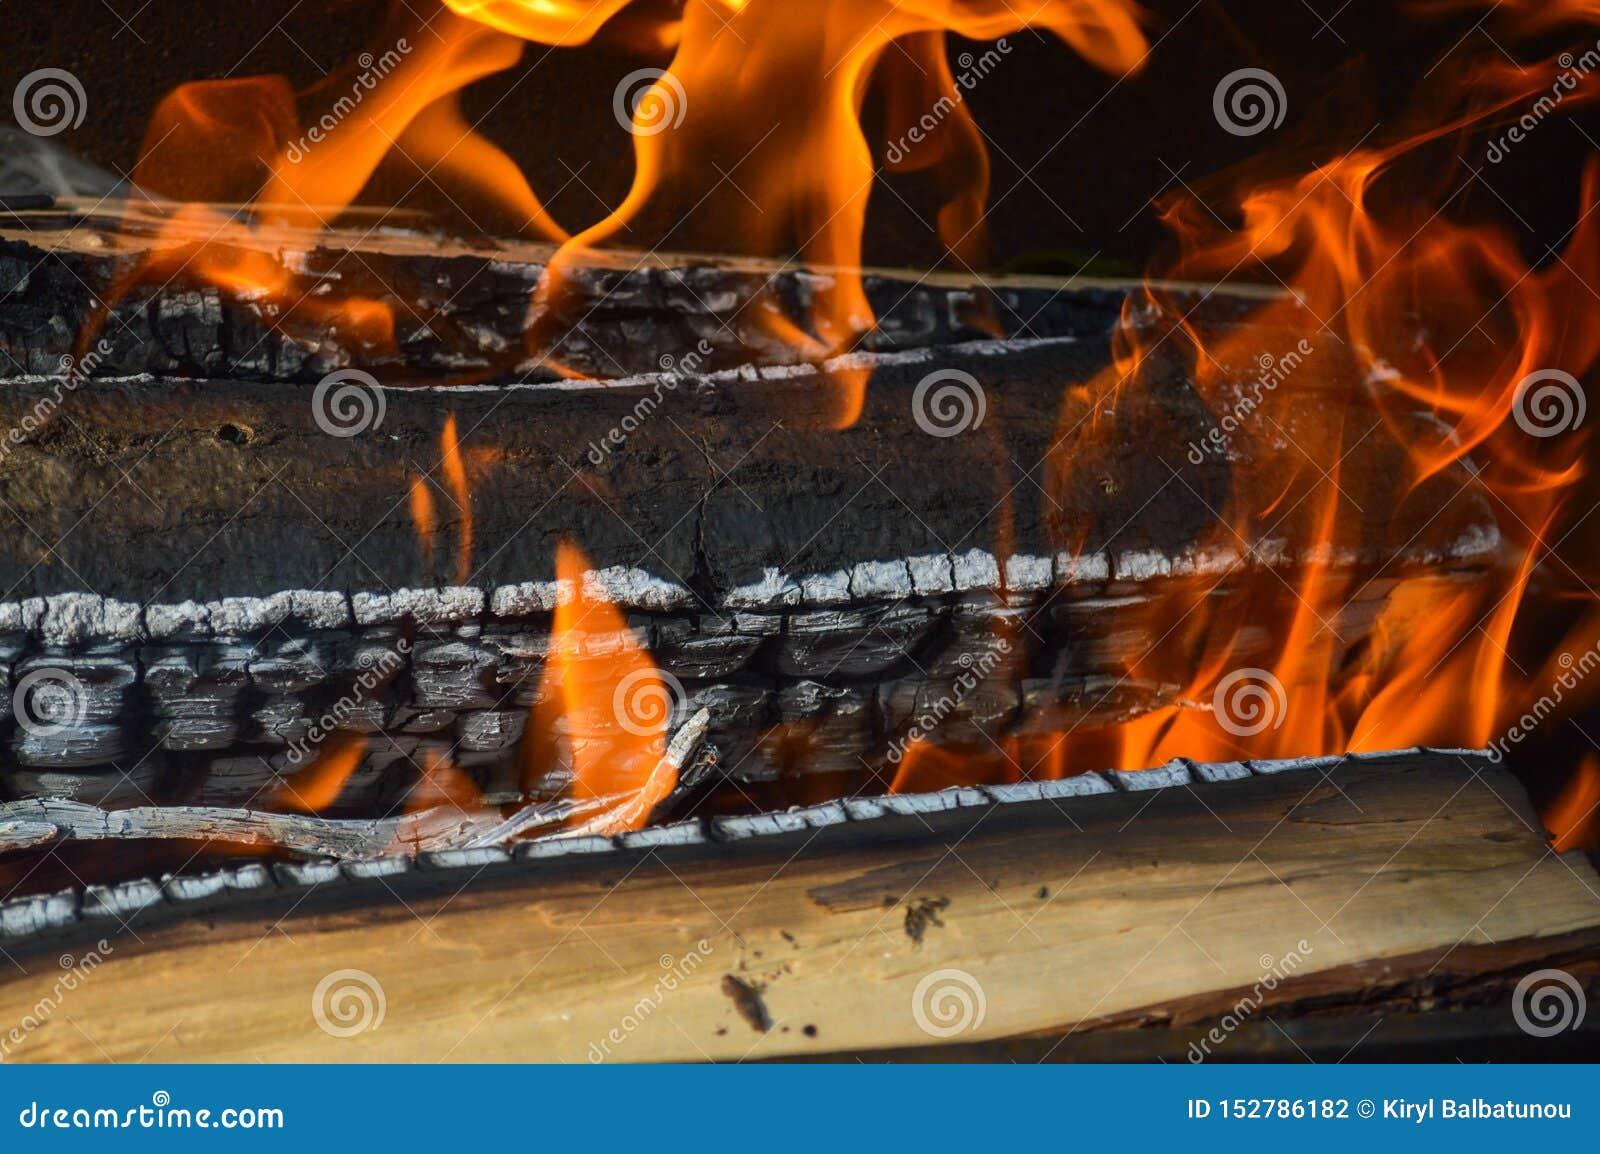 Hölzerne brennende heiße verkohlte Planken des Holzes meldet ein Feuer mit den Zungen des Feuers und des Rauches an Beschaffenhei